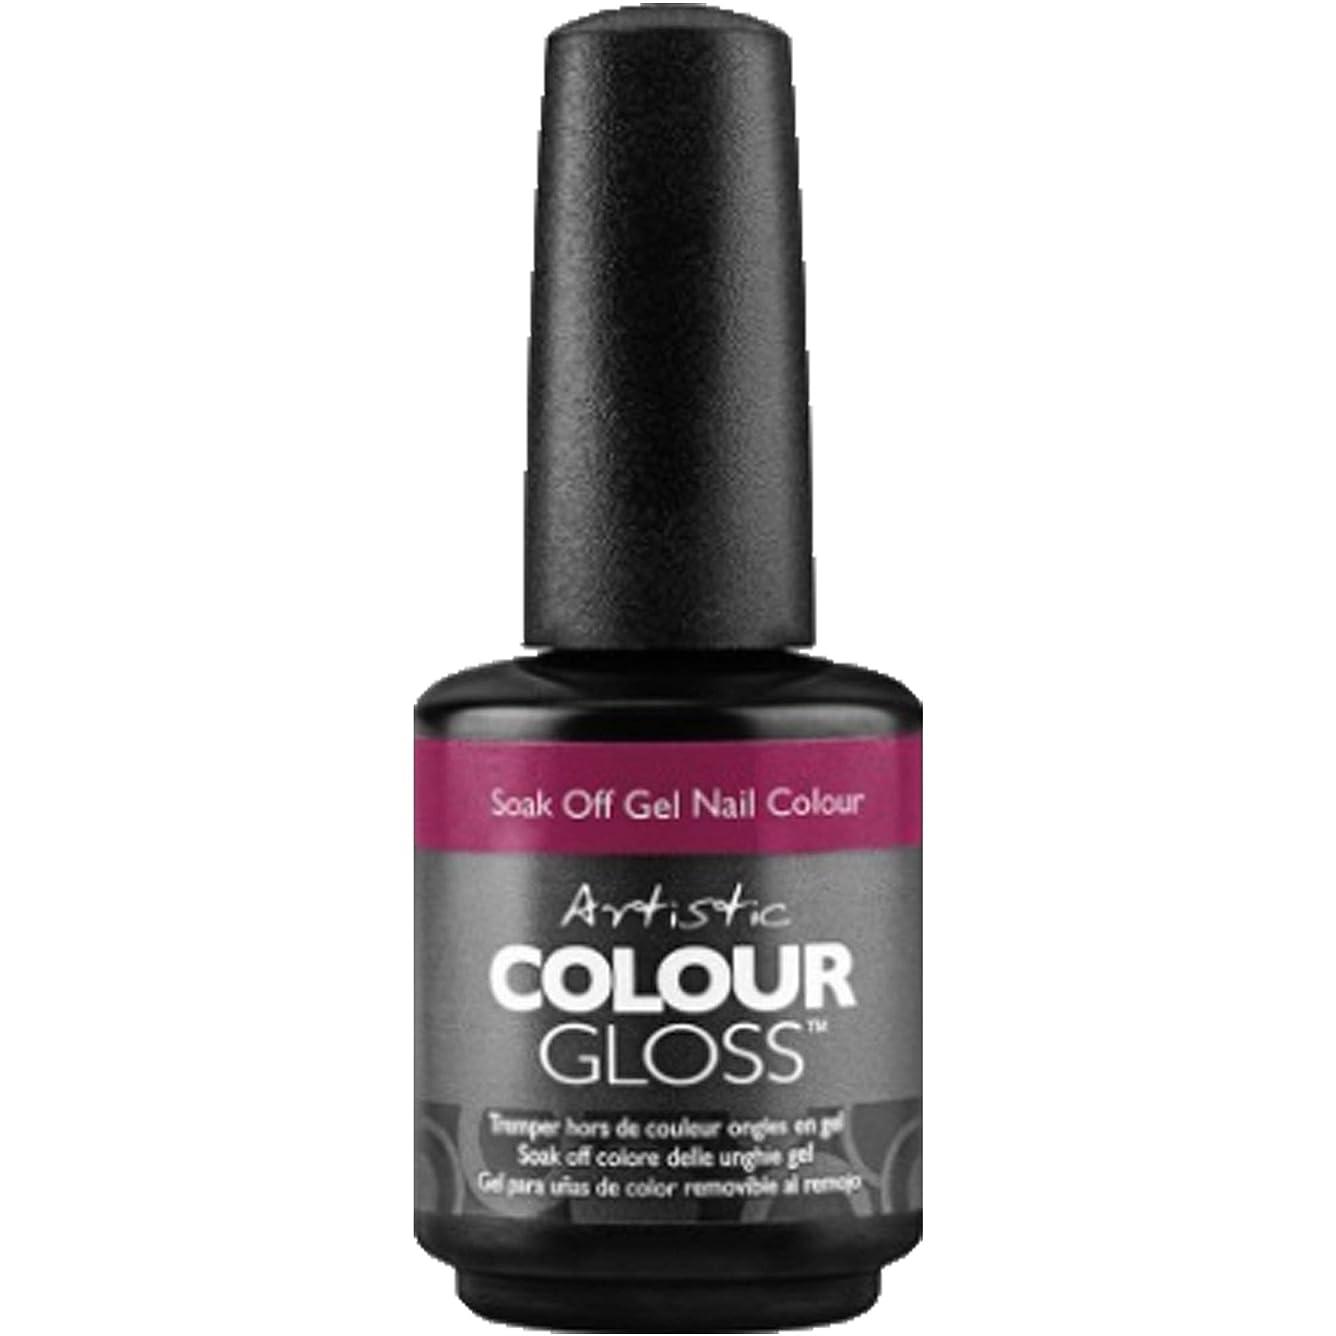 早くモンク組み込むArtistic Colour Gloss - Night Cap - 0.5oz / 15ml